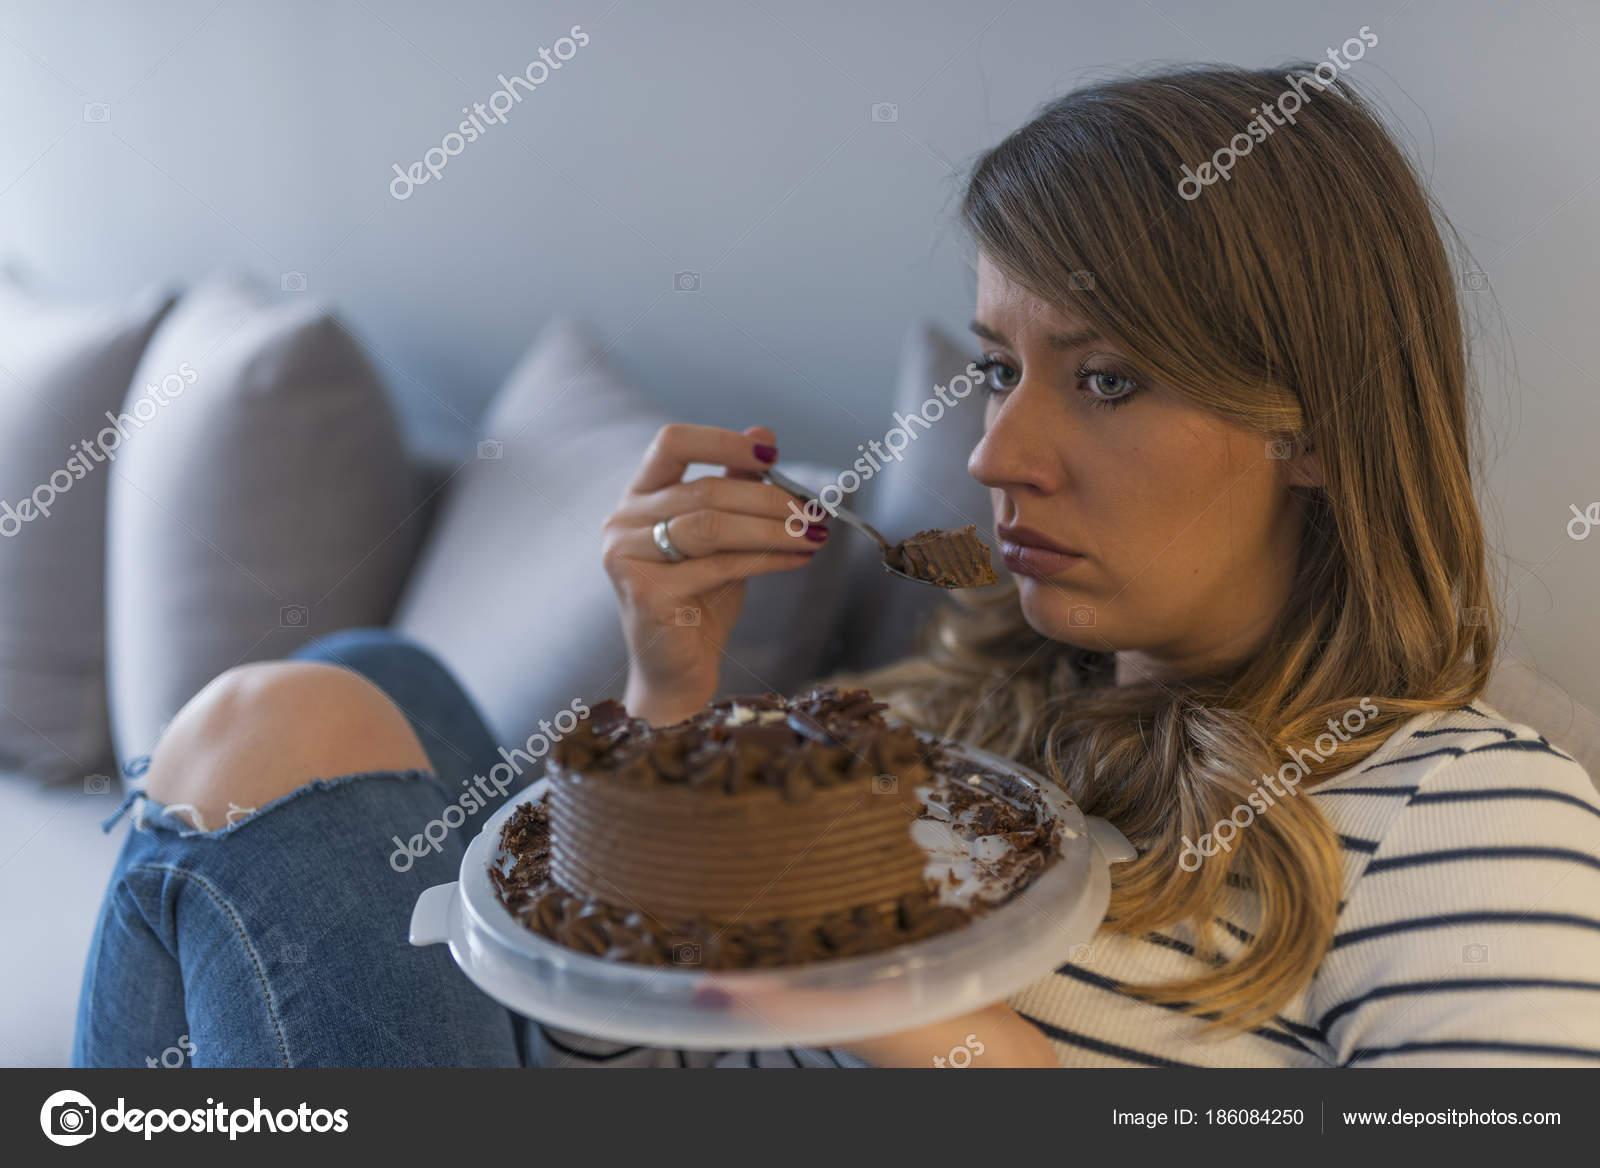 Depressive Frau Isst Kuchen Traurige Ungluckliche Kuchen Essen